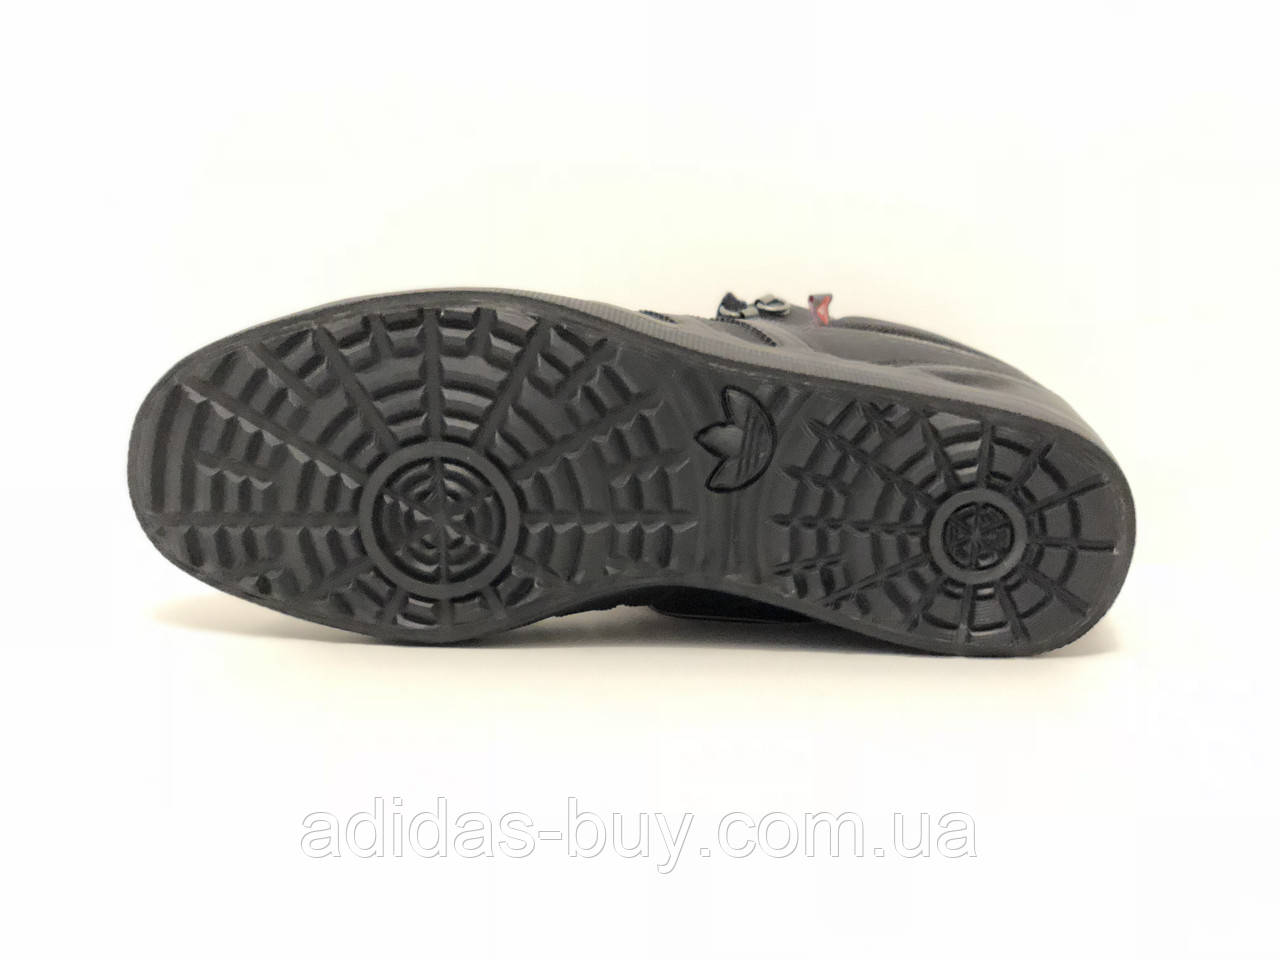 ... Ботинки мужские оригинальные adidas ADI TREK AC8224 цвет  черный 5 ... 6f82a9f388eeb